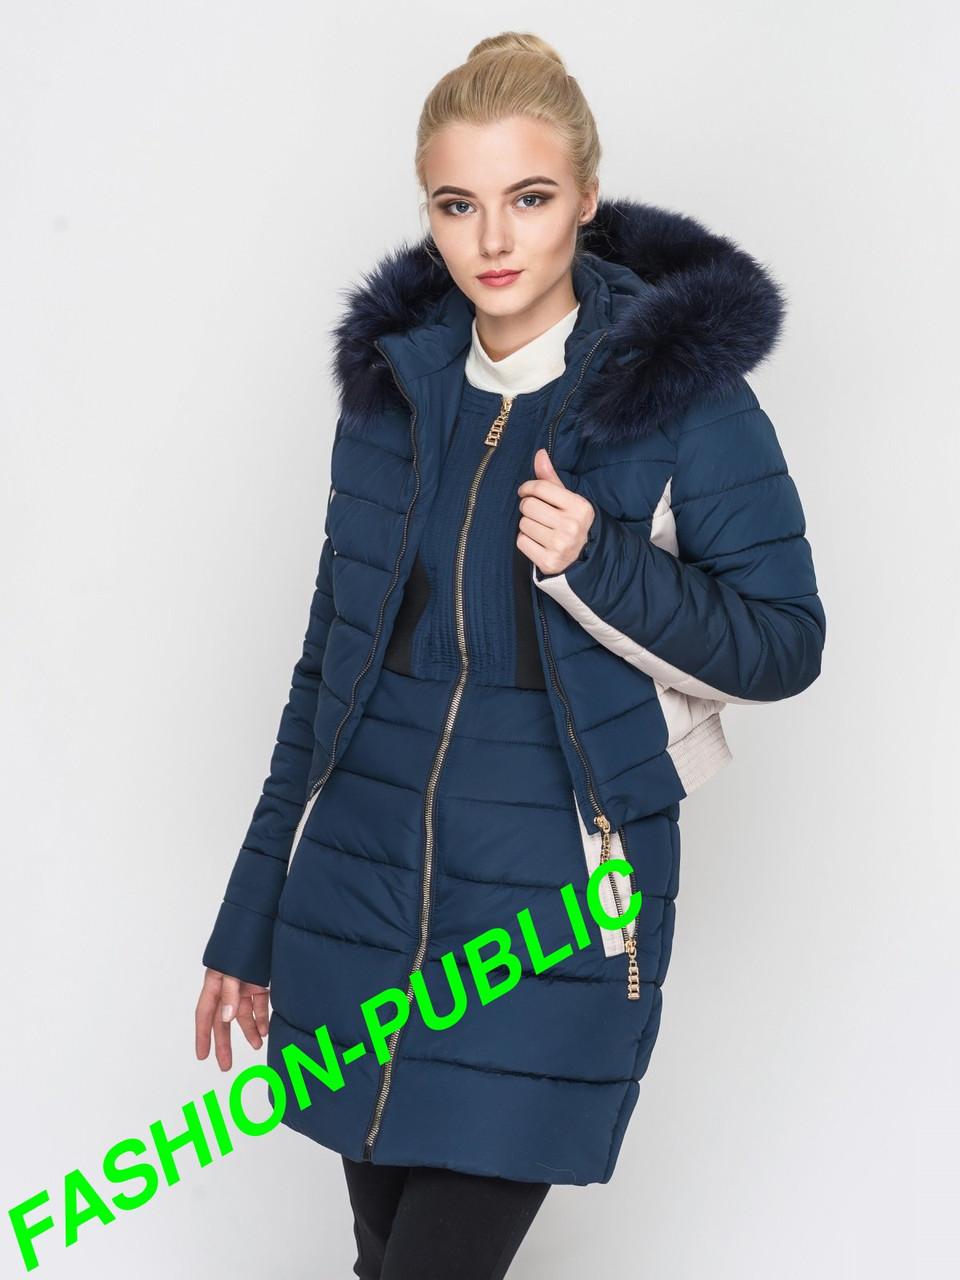 Куртка-трансформер зимняя женская  - FASHION-PUBLIC Одежда и аксессуары от производителя в Харькове